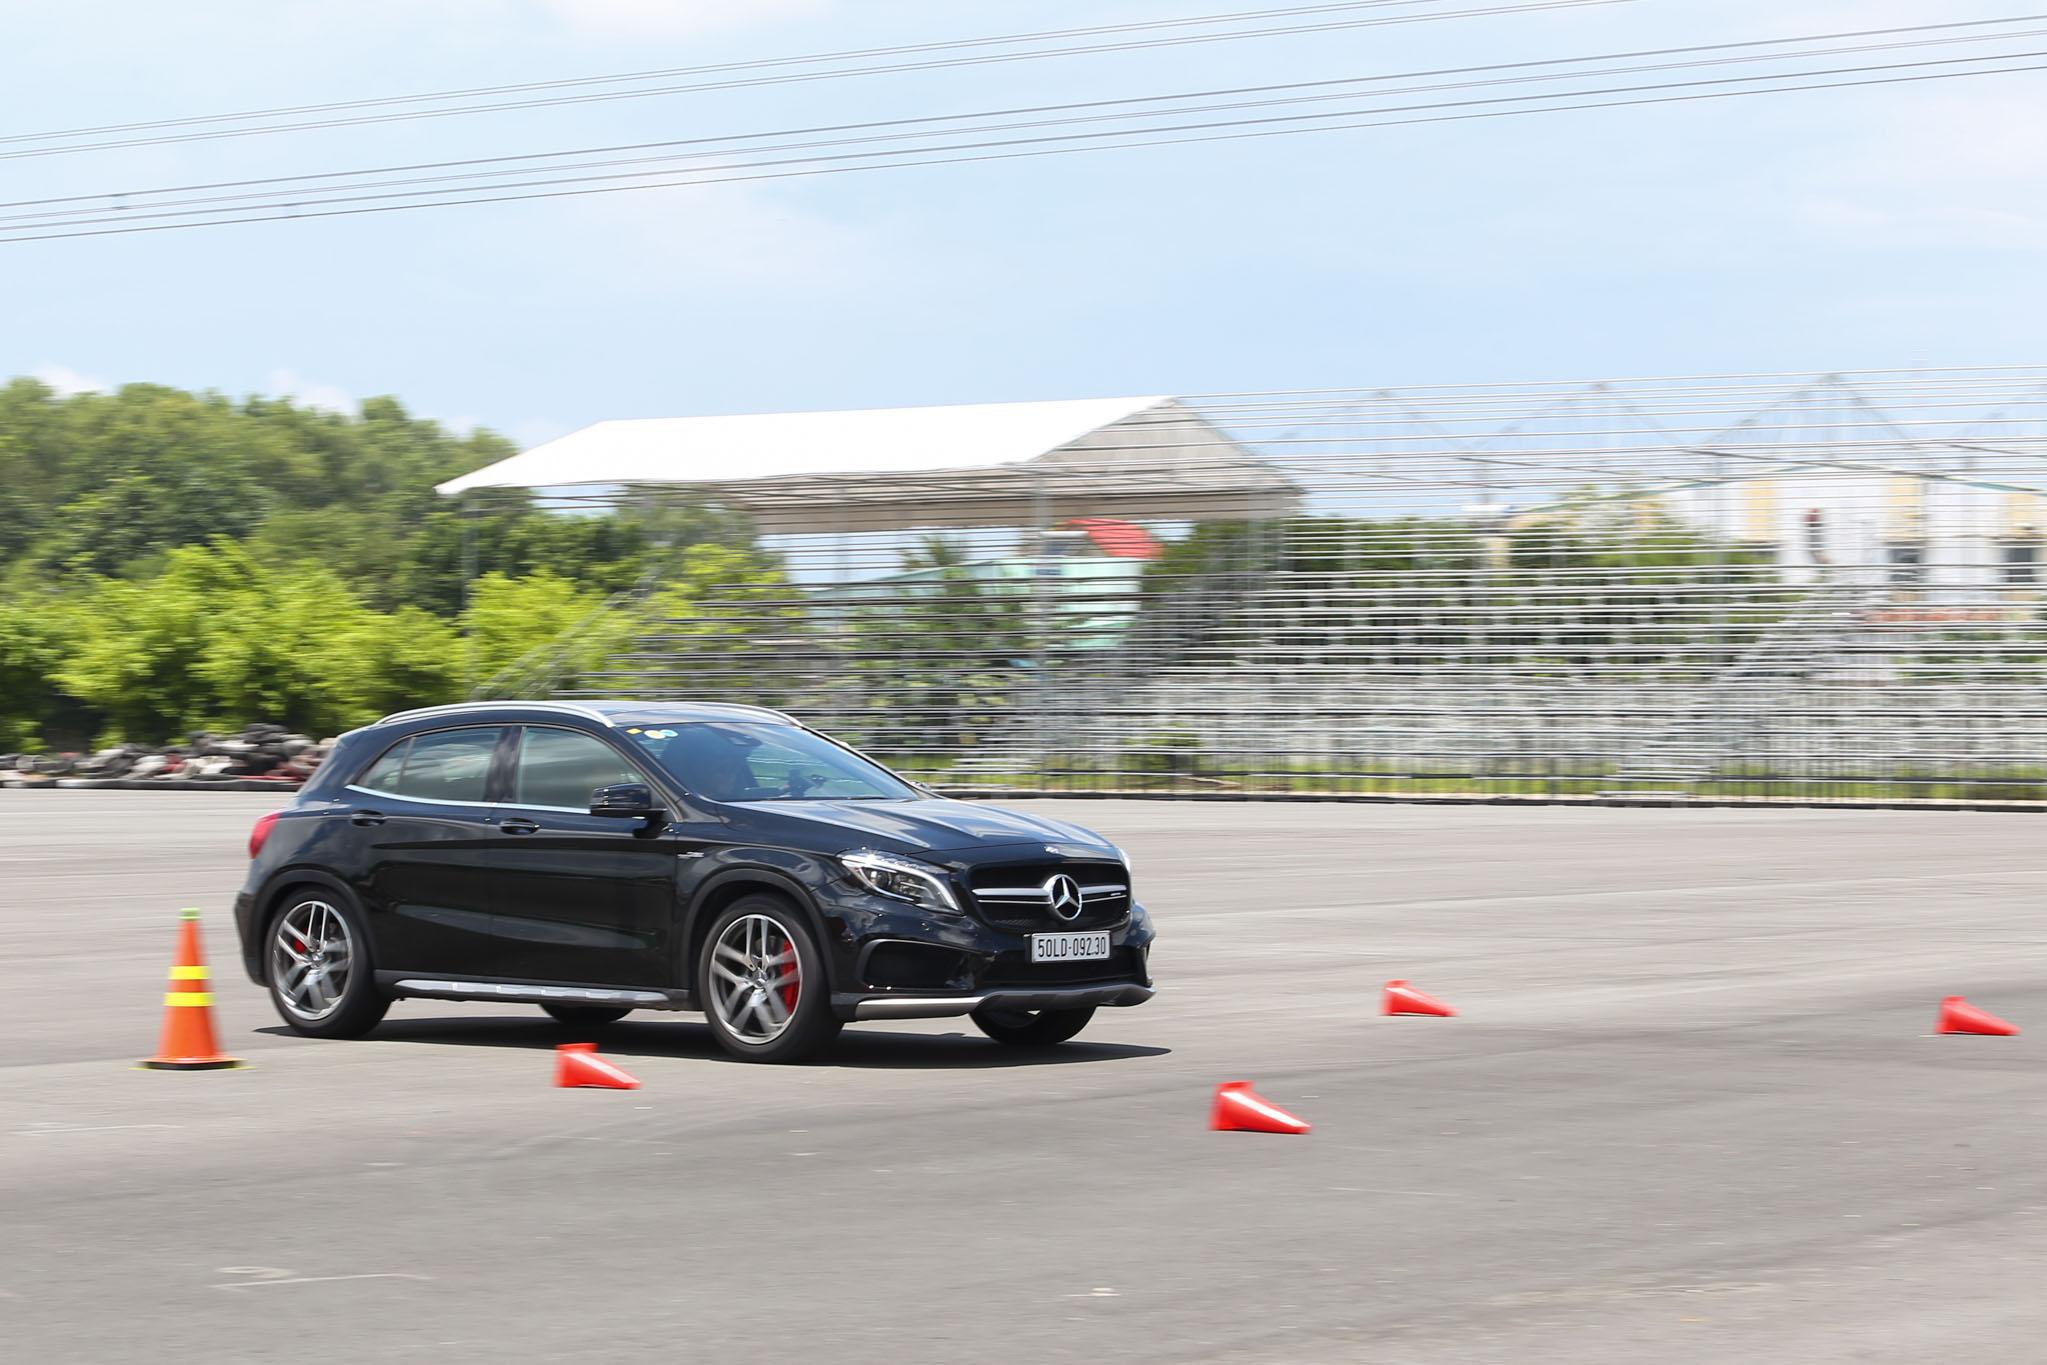 Xe.Tinhte.vn-Mercedes-AMG-GLA-45-4MATIC-1.jpg